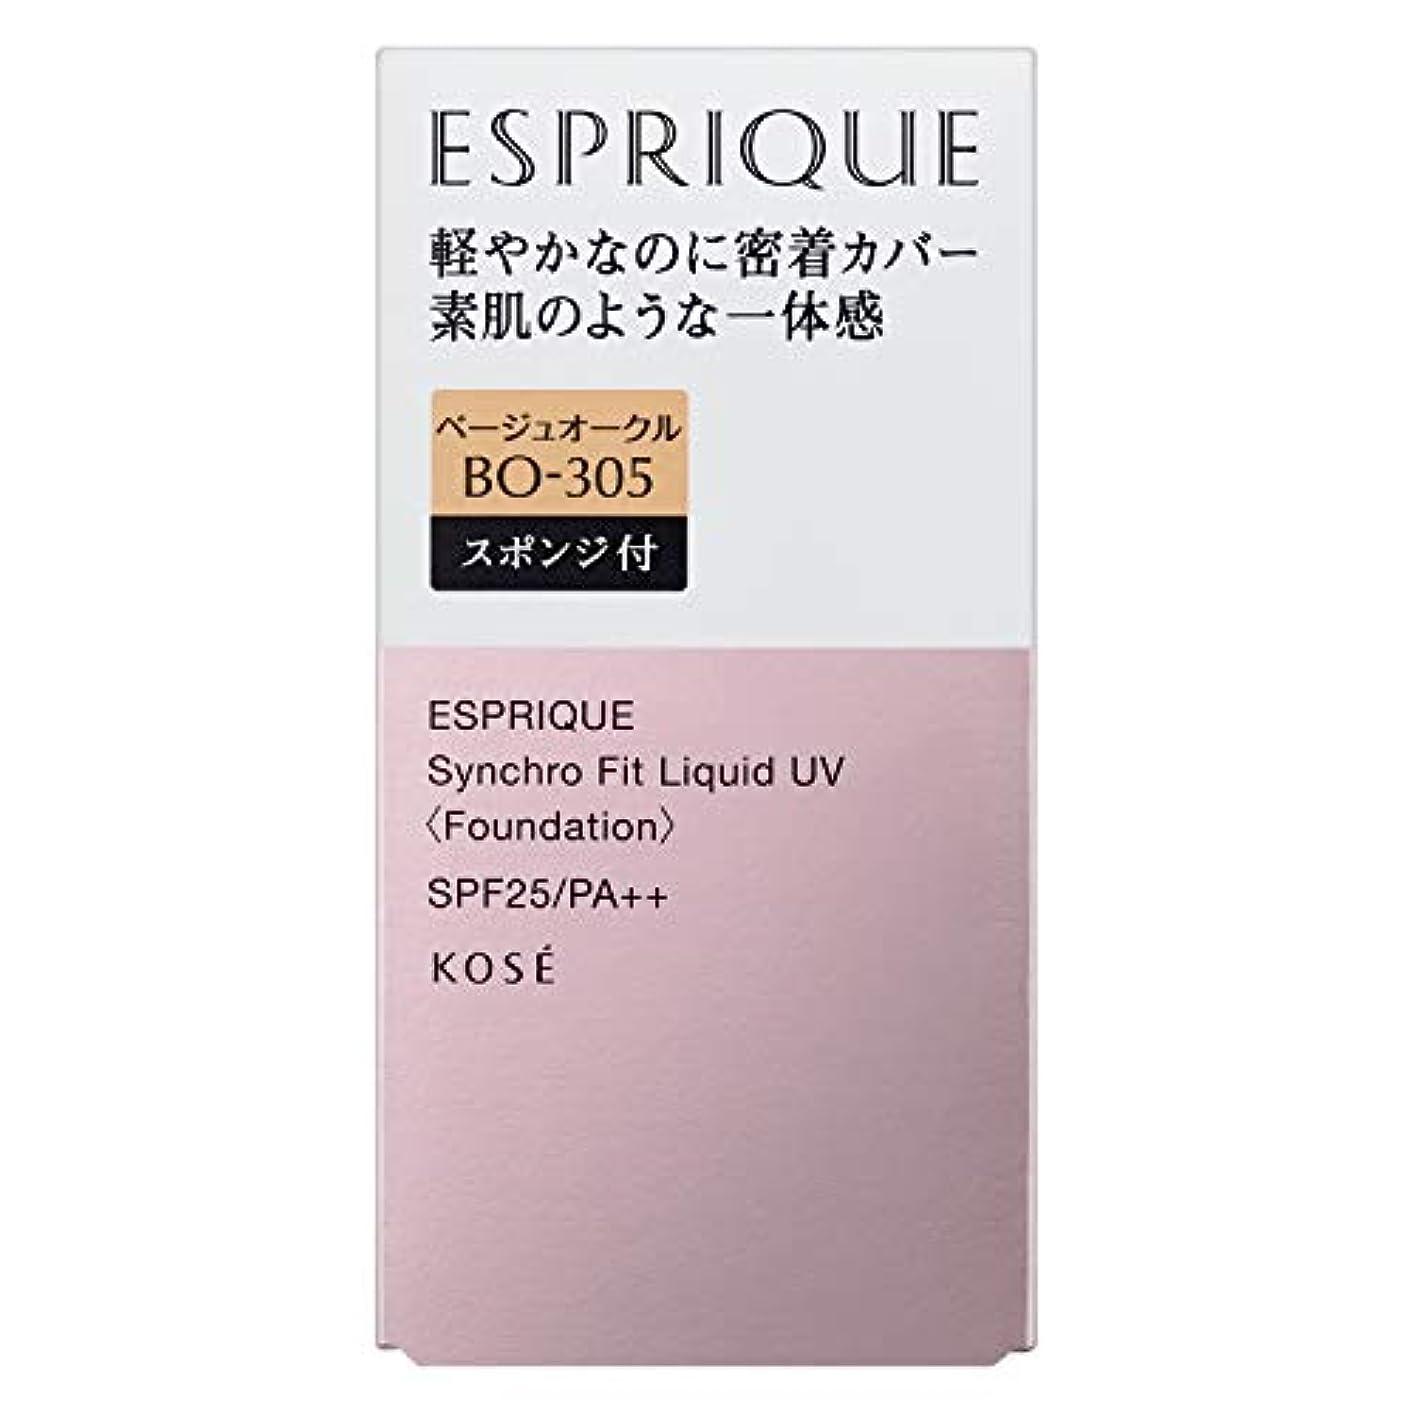 悪名高い少ないバースESPRIQUE(エスプリーク) エスプリーク シンクロフィット リキッド UV ファンデーション 無香料 BO-305 ベージュオークル 30g